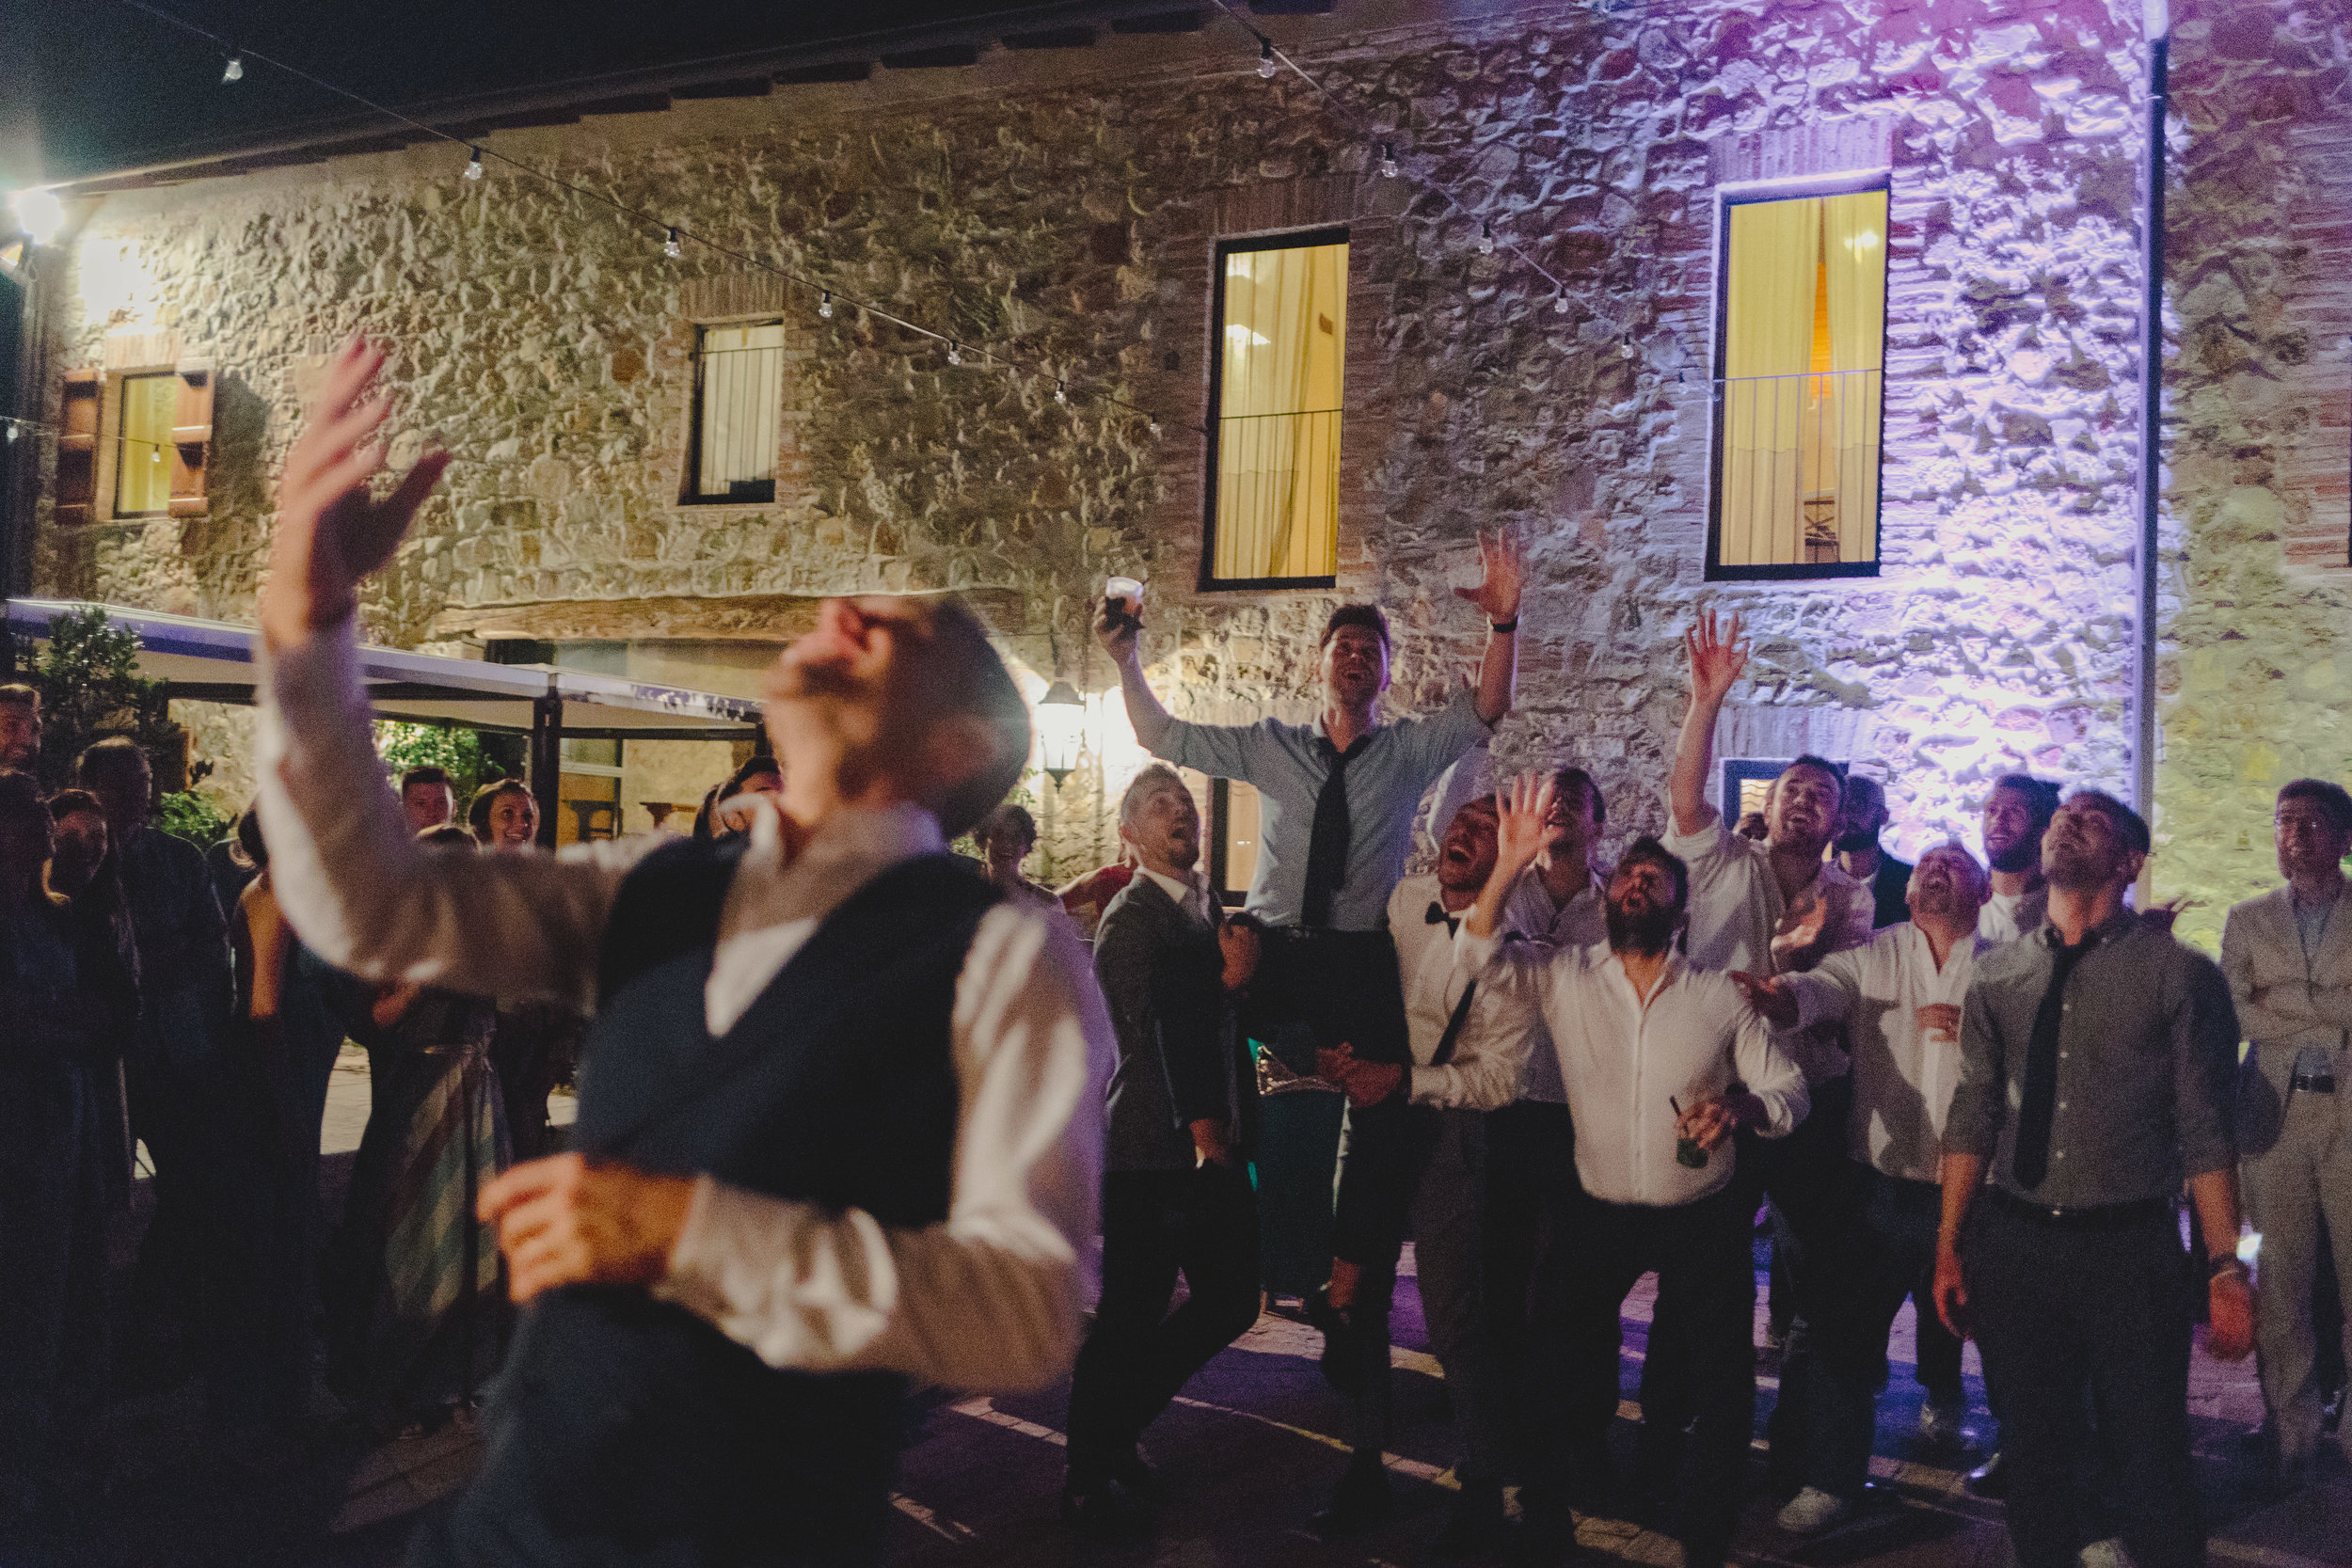 charlotte wedding photographer, italian wedding, charlotte north carolina photographer, wedding photographer charlotte nc